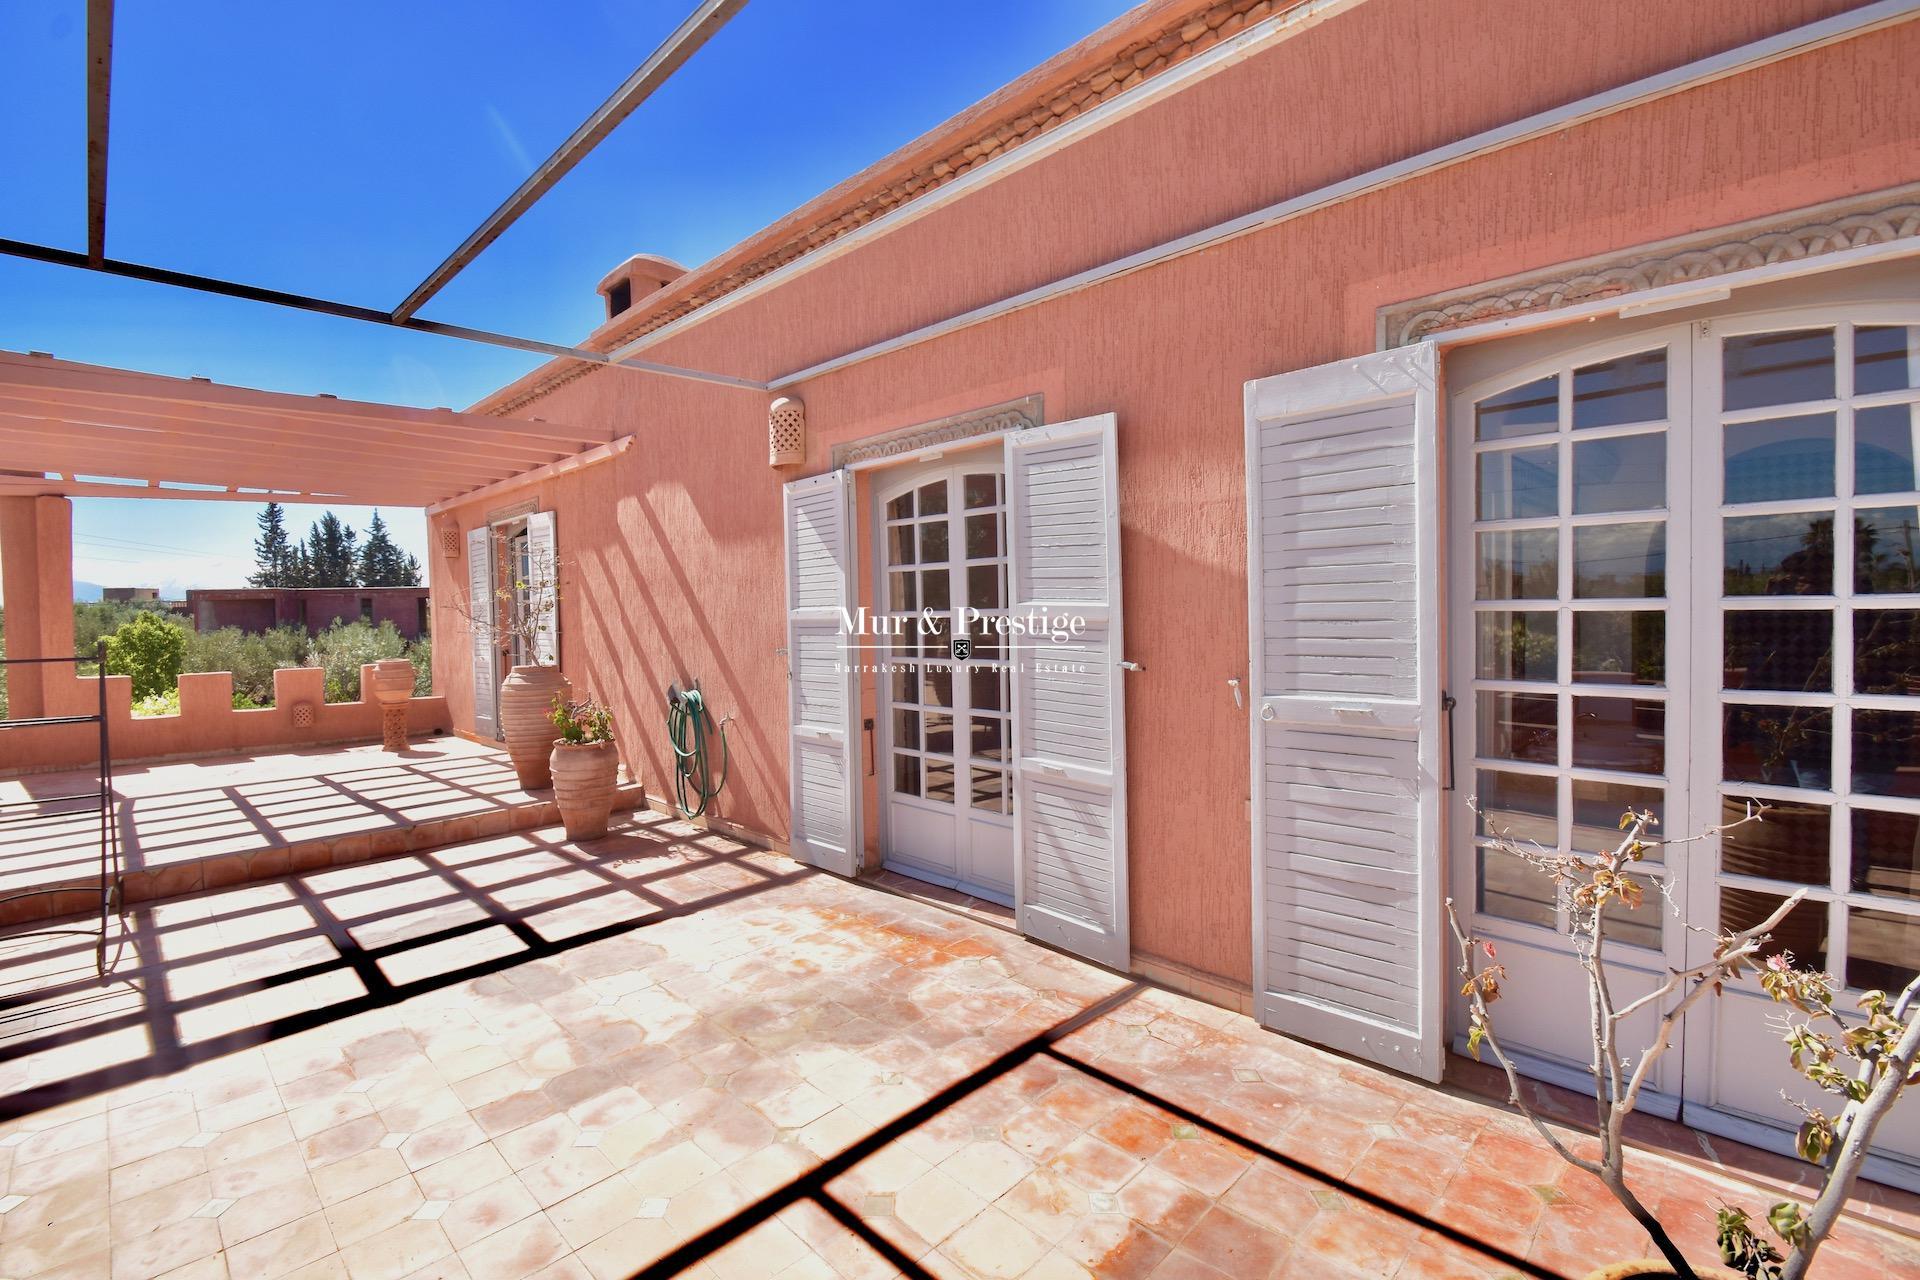 Maison à louer à 5 minutes du Golf Fairmont Royal Palm Marrakech - copie